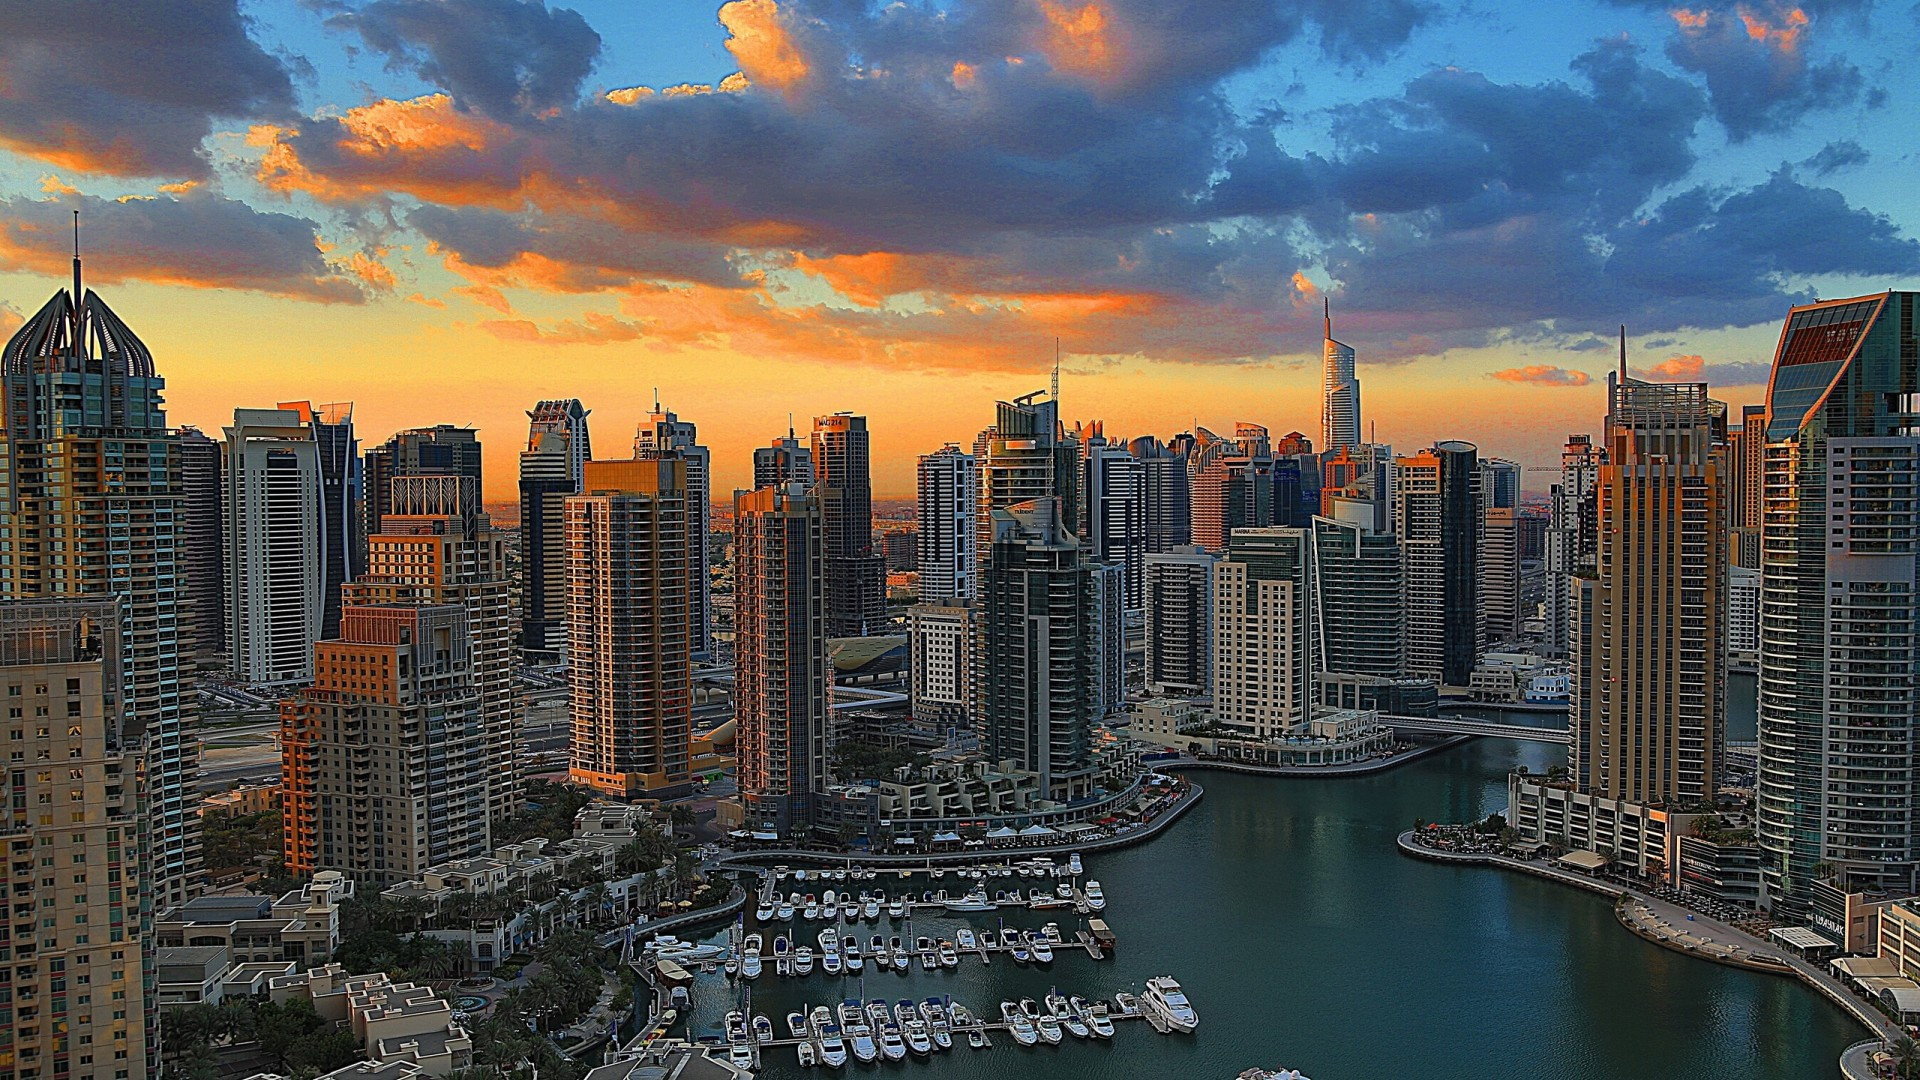 بريتوني تسعى للاستحواذ على مشاريع عقارية متعثرة في دبي